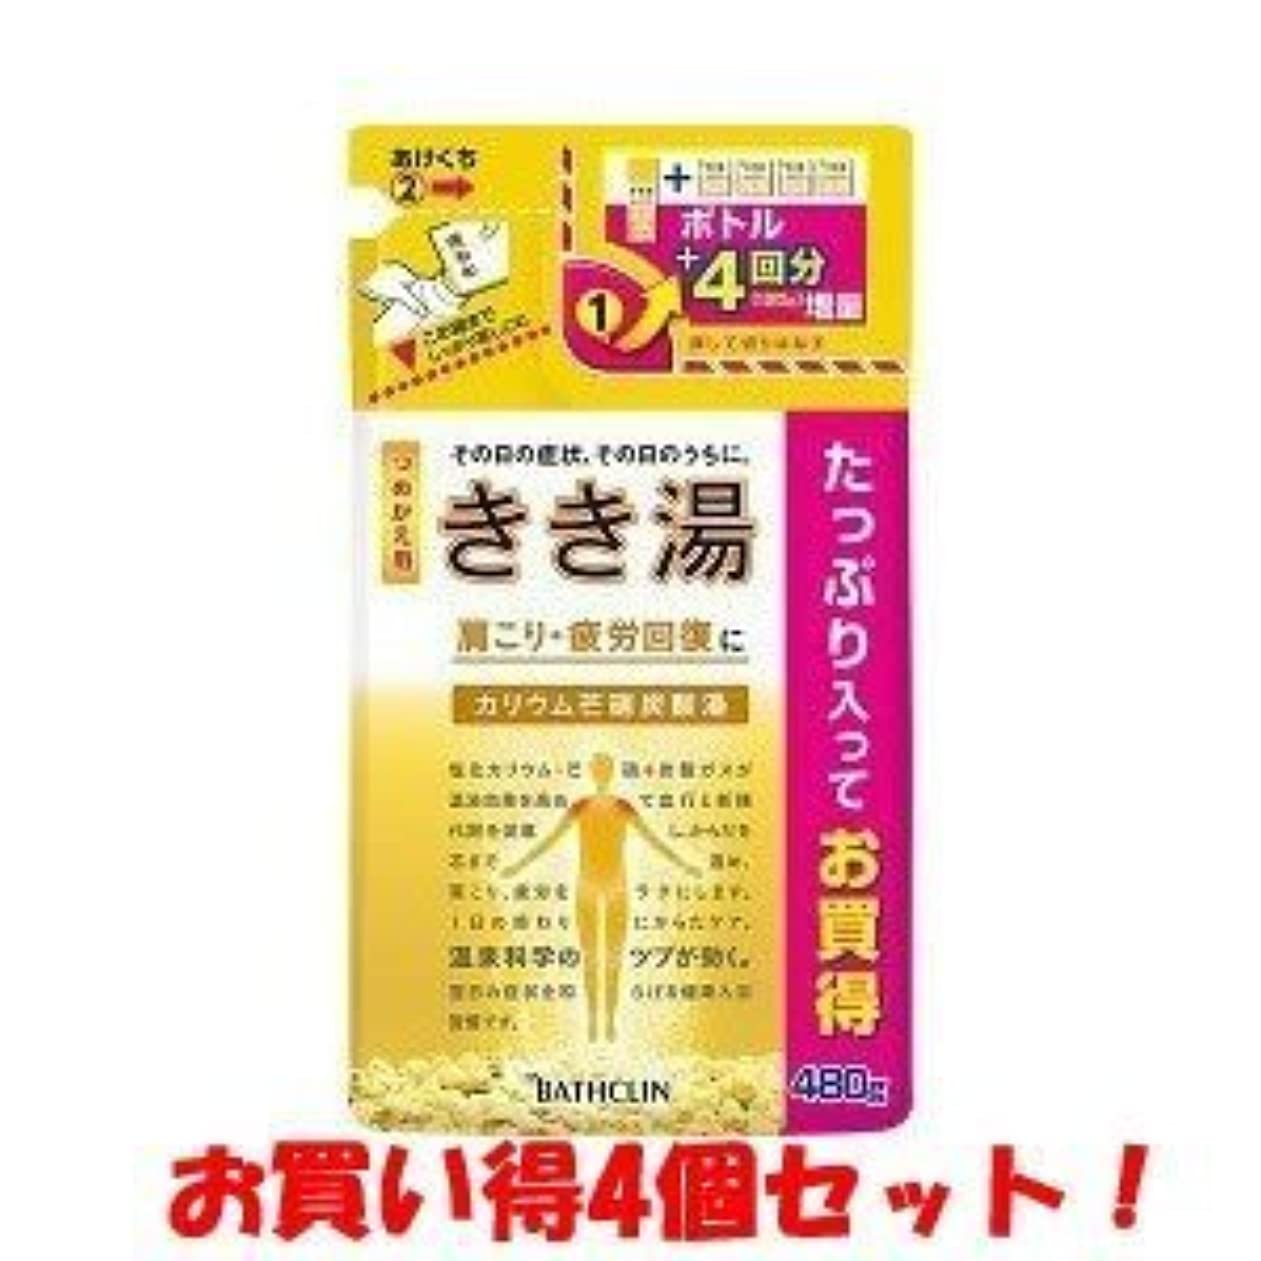 トンネル谷重要(バスクリン)きき湯 カリウム芒硝炭酸湯 つめかえ用 480g(医薬部外品)(お買い得4個セット)